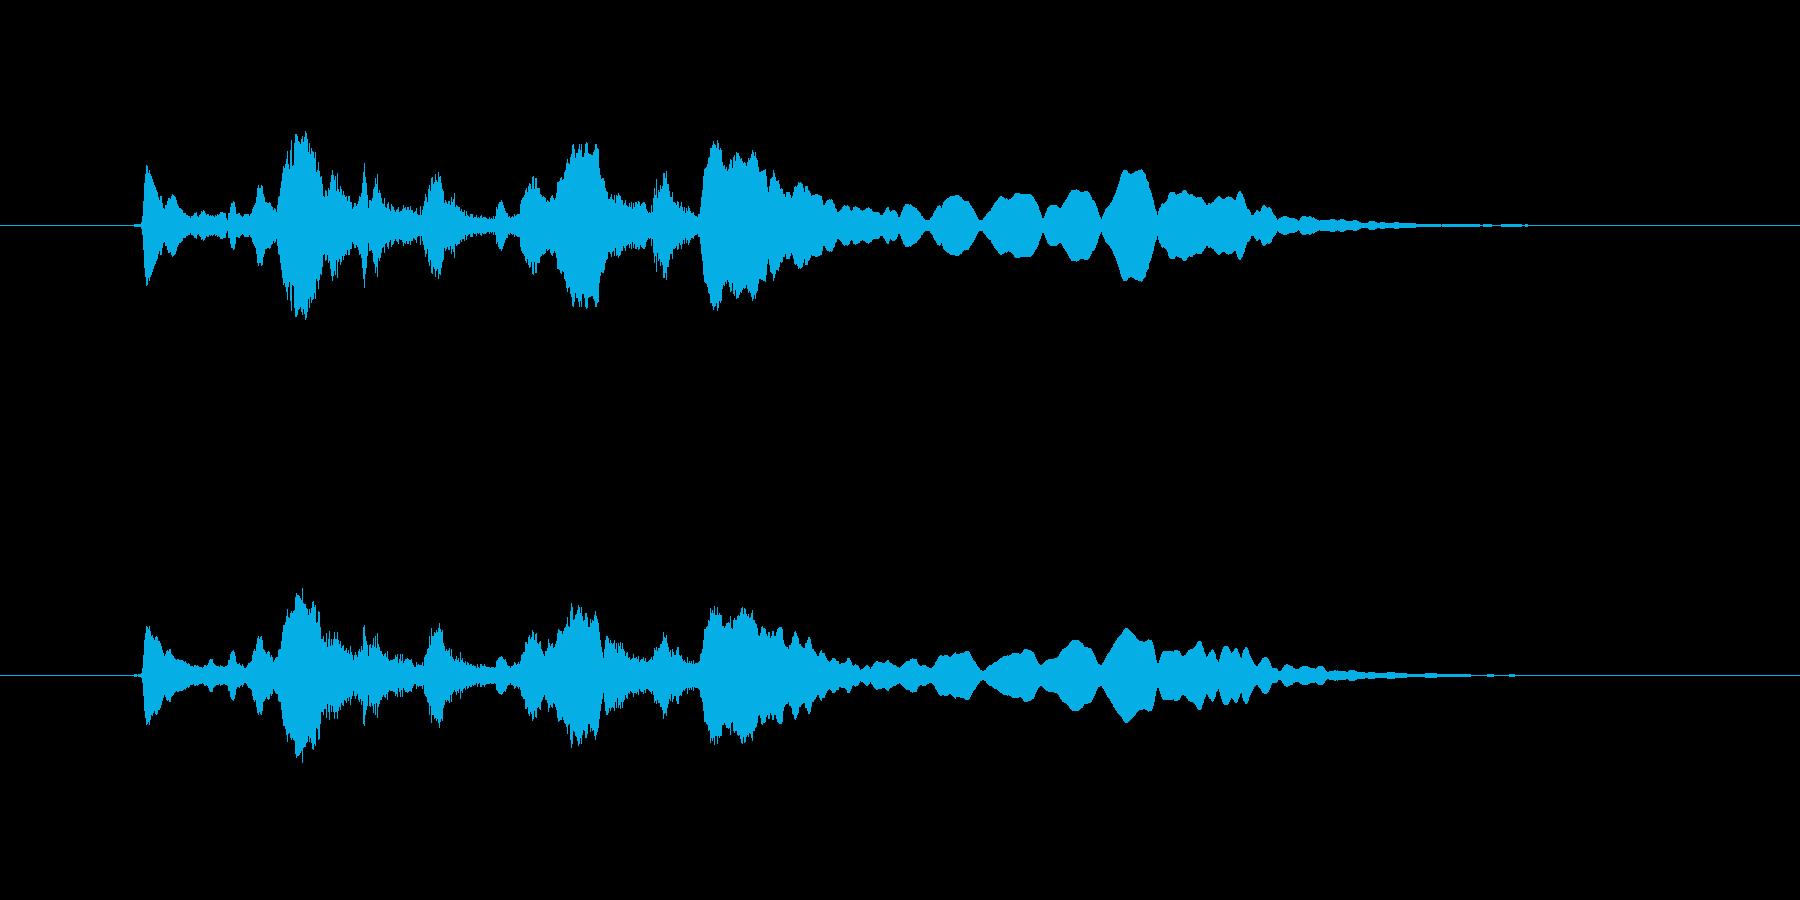 トランペット ぱっぱらぱーの再生済みの波形